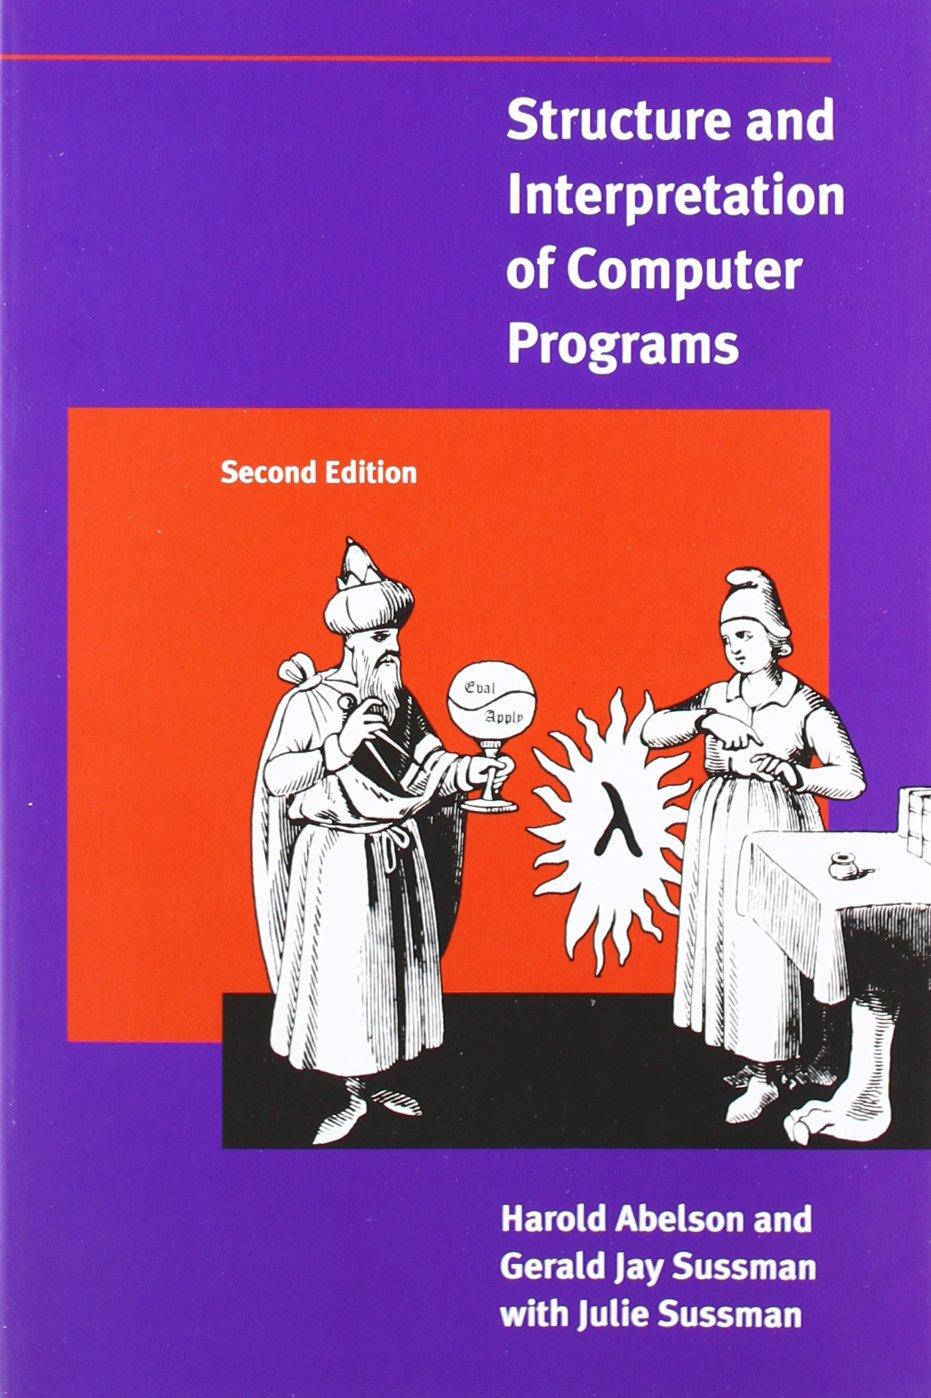 Обложка знаменитой книги «Структура и интерпретация компьютерных программ»